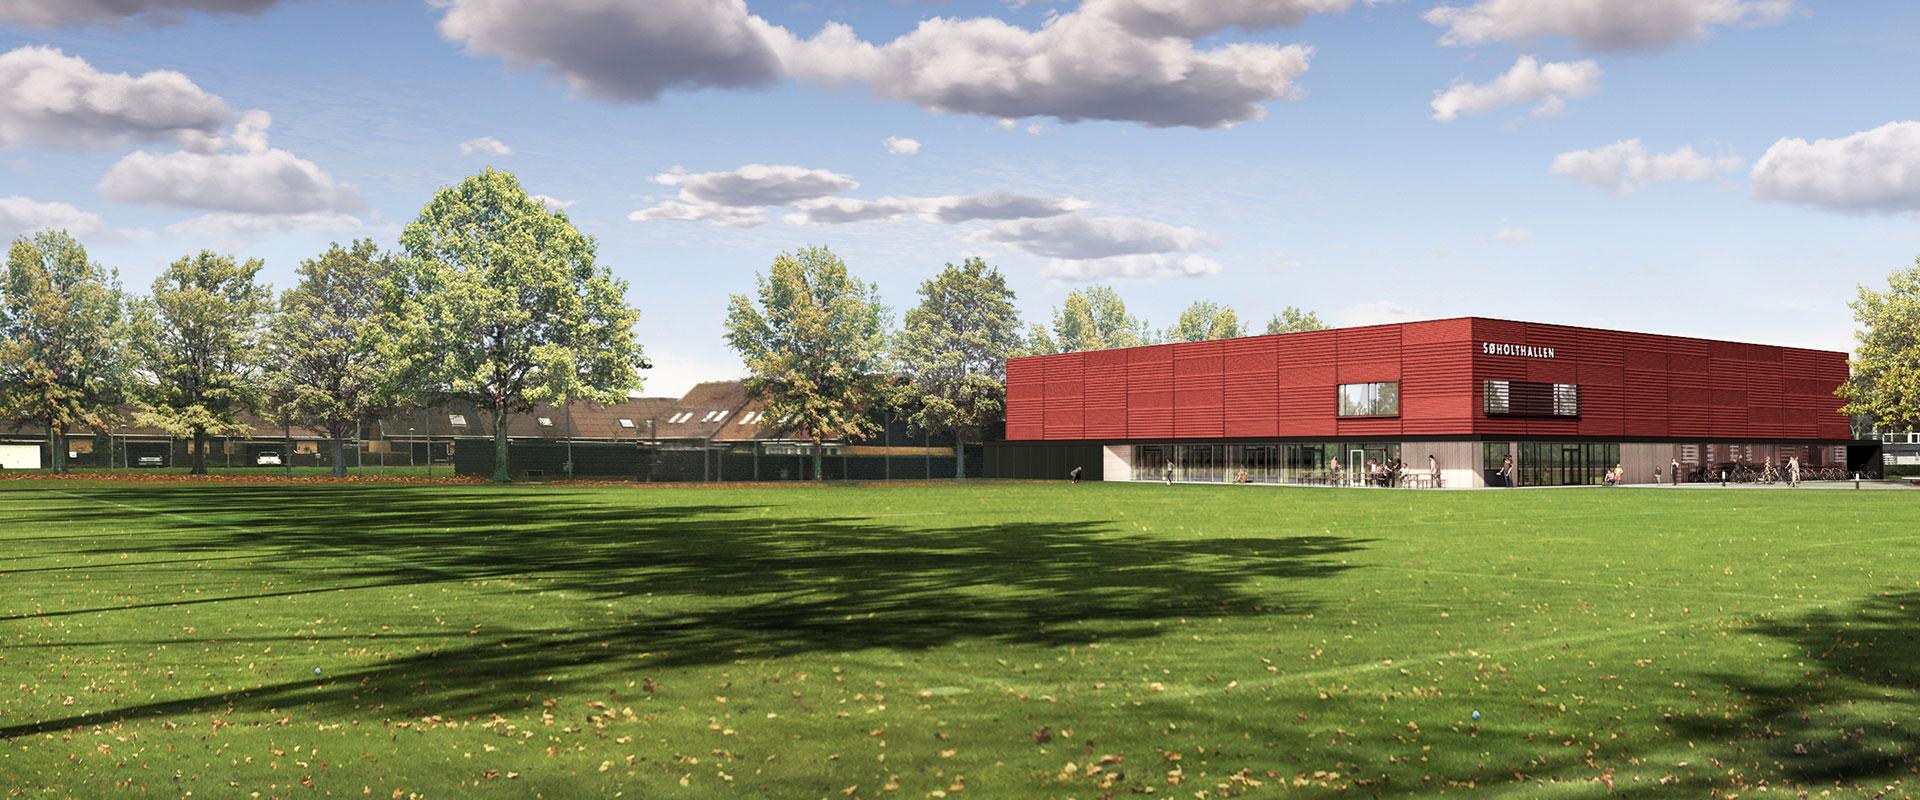 Søholthallen, ny springhal, reference, Oluf Jørgensen A/S, idræt og kultur